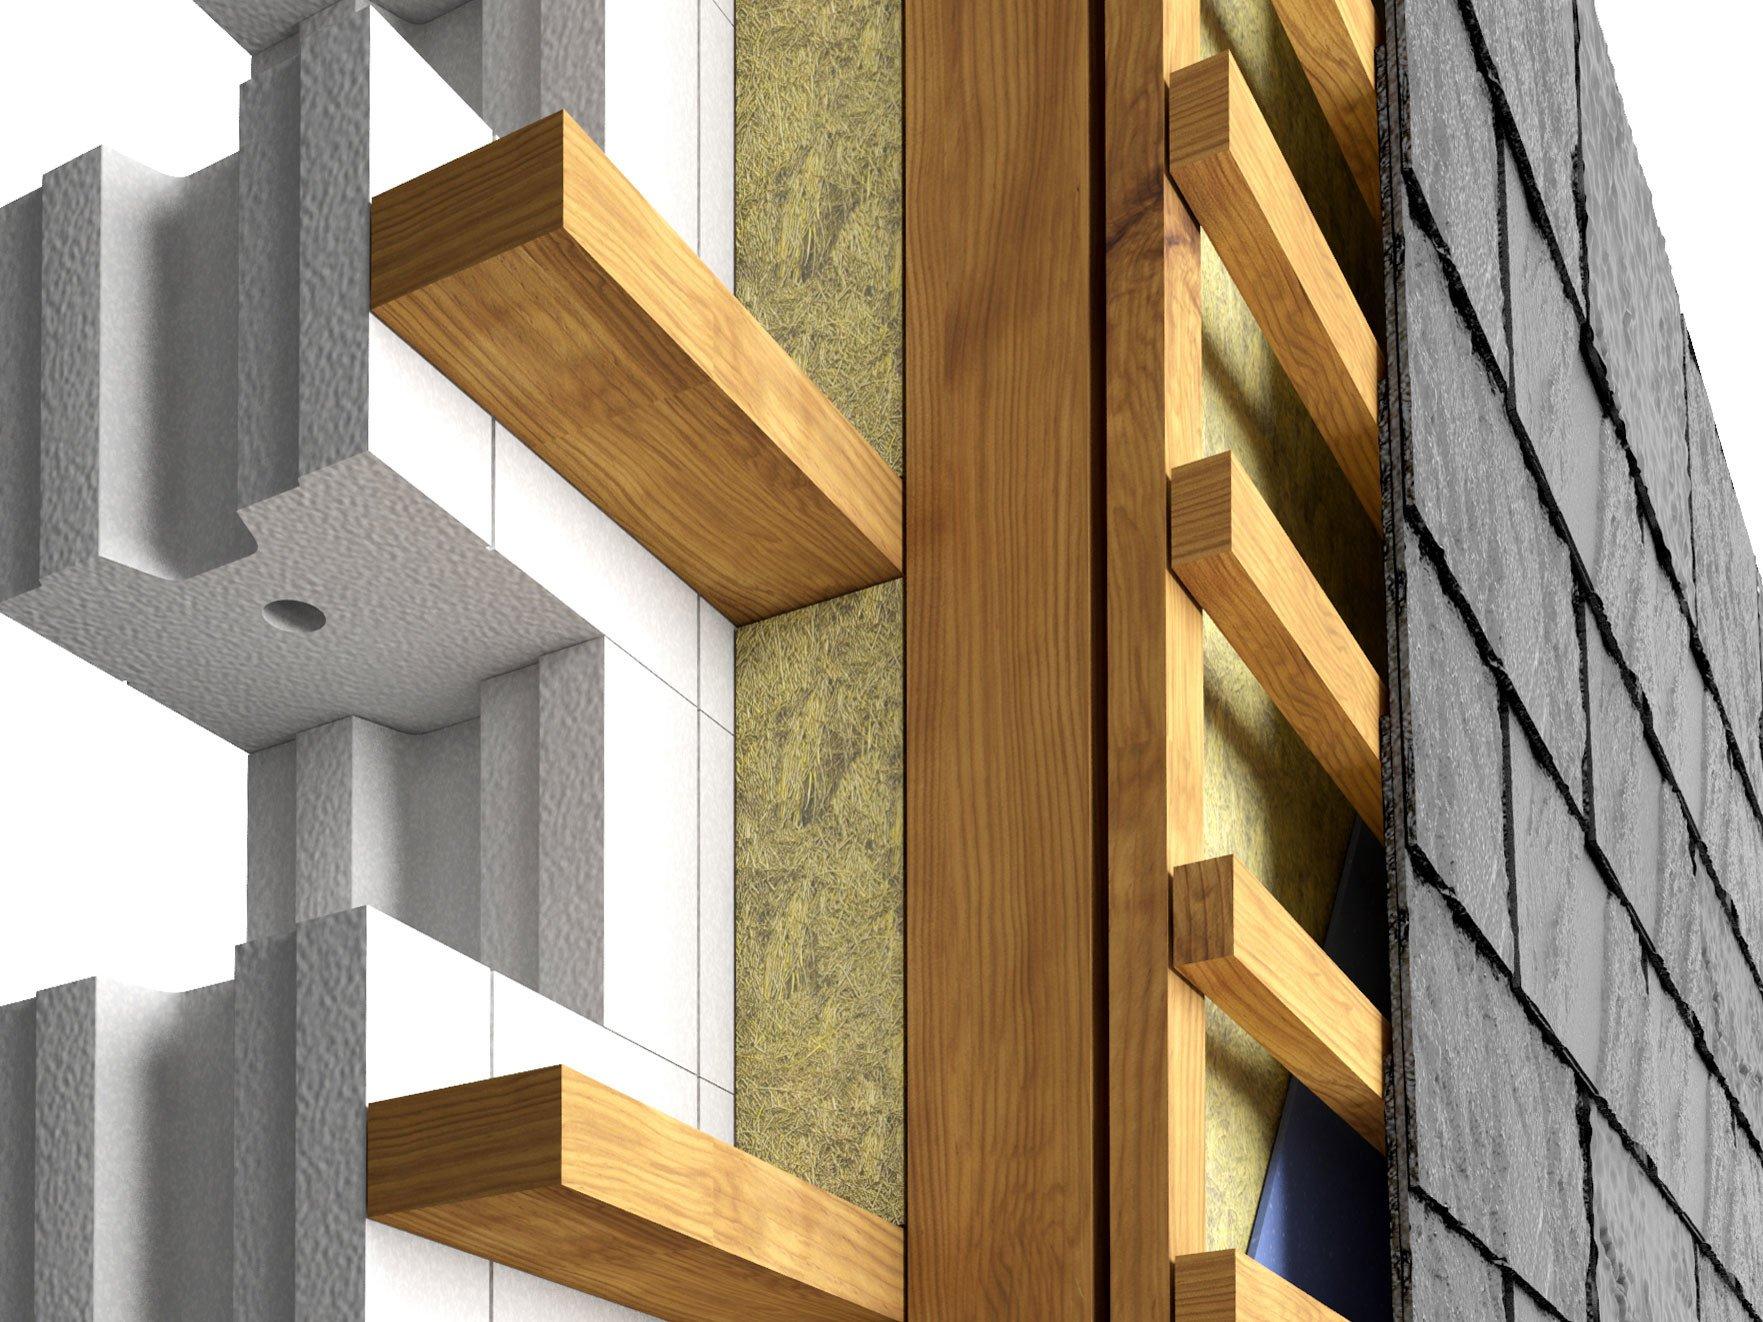 ausschreibungs mustertexte f r schieferfassaden schiefer planungshilfen baunetz wissen. Black Bedroom Furniture Sets. Home Design Ideas